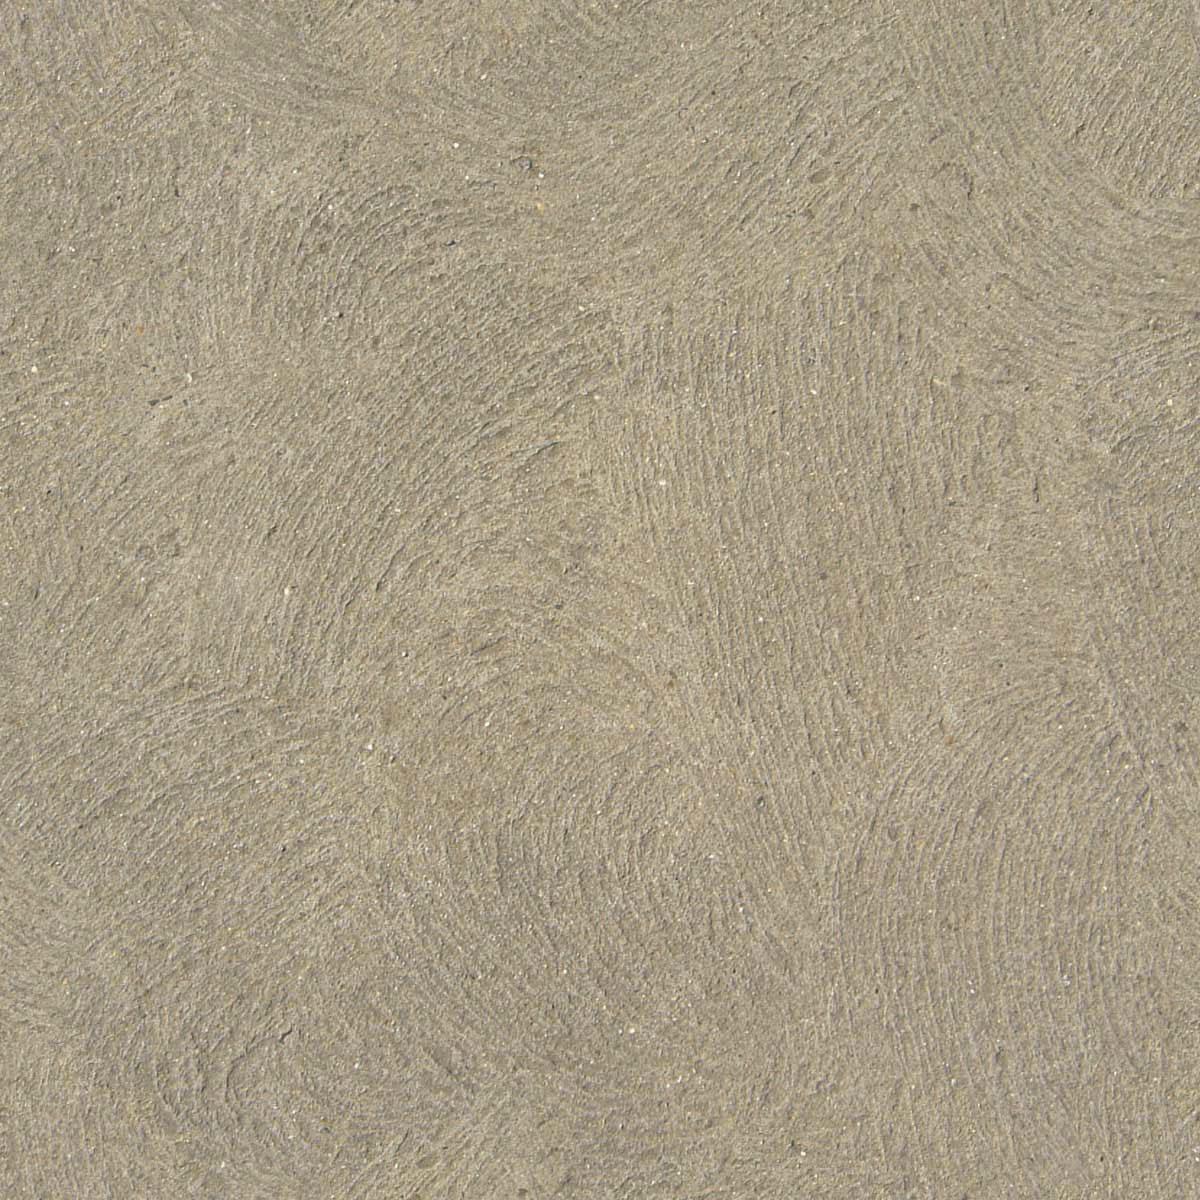 seamless concrete wall maps texturise free seamless